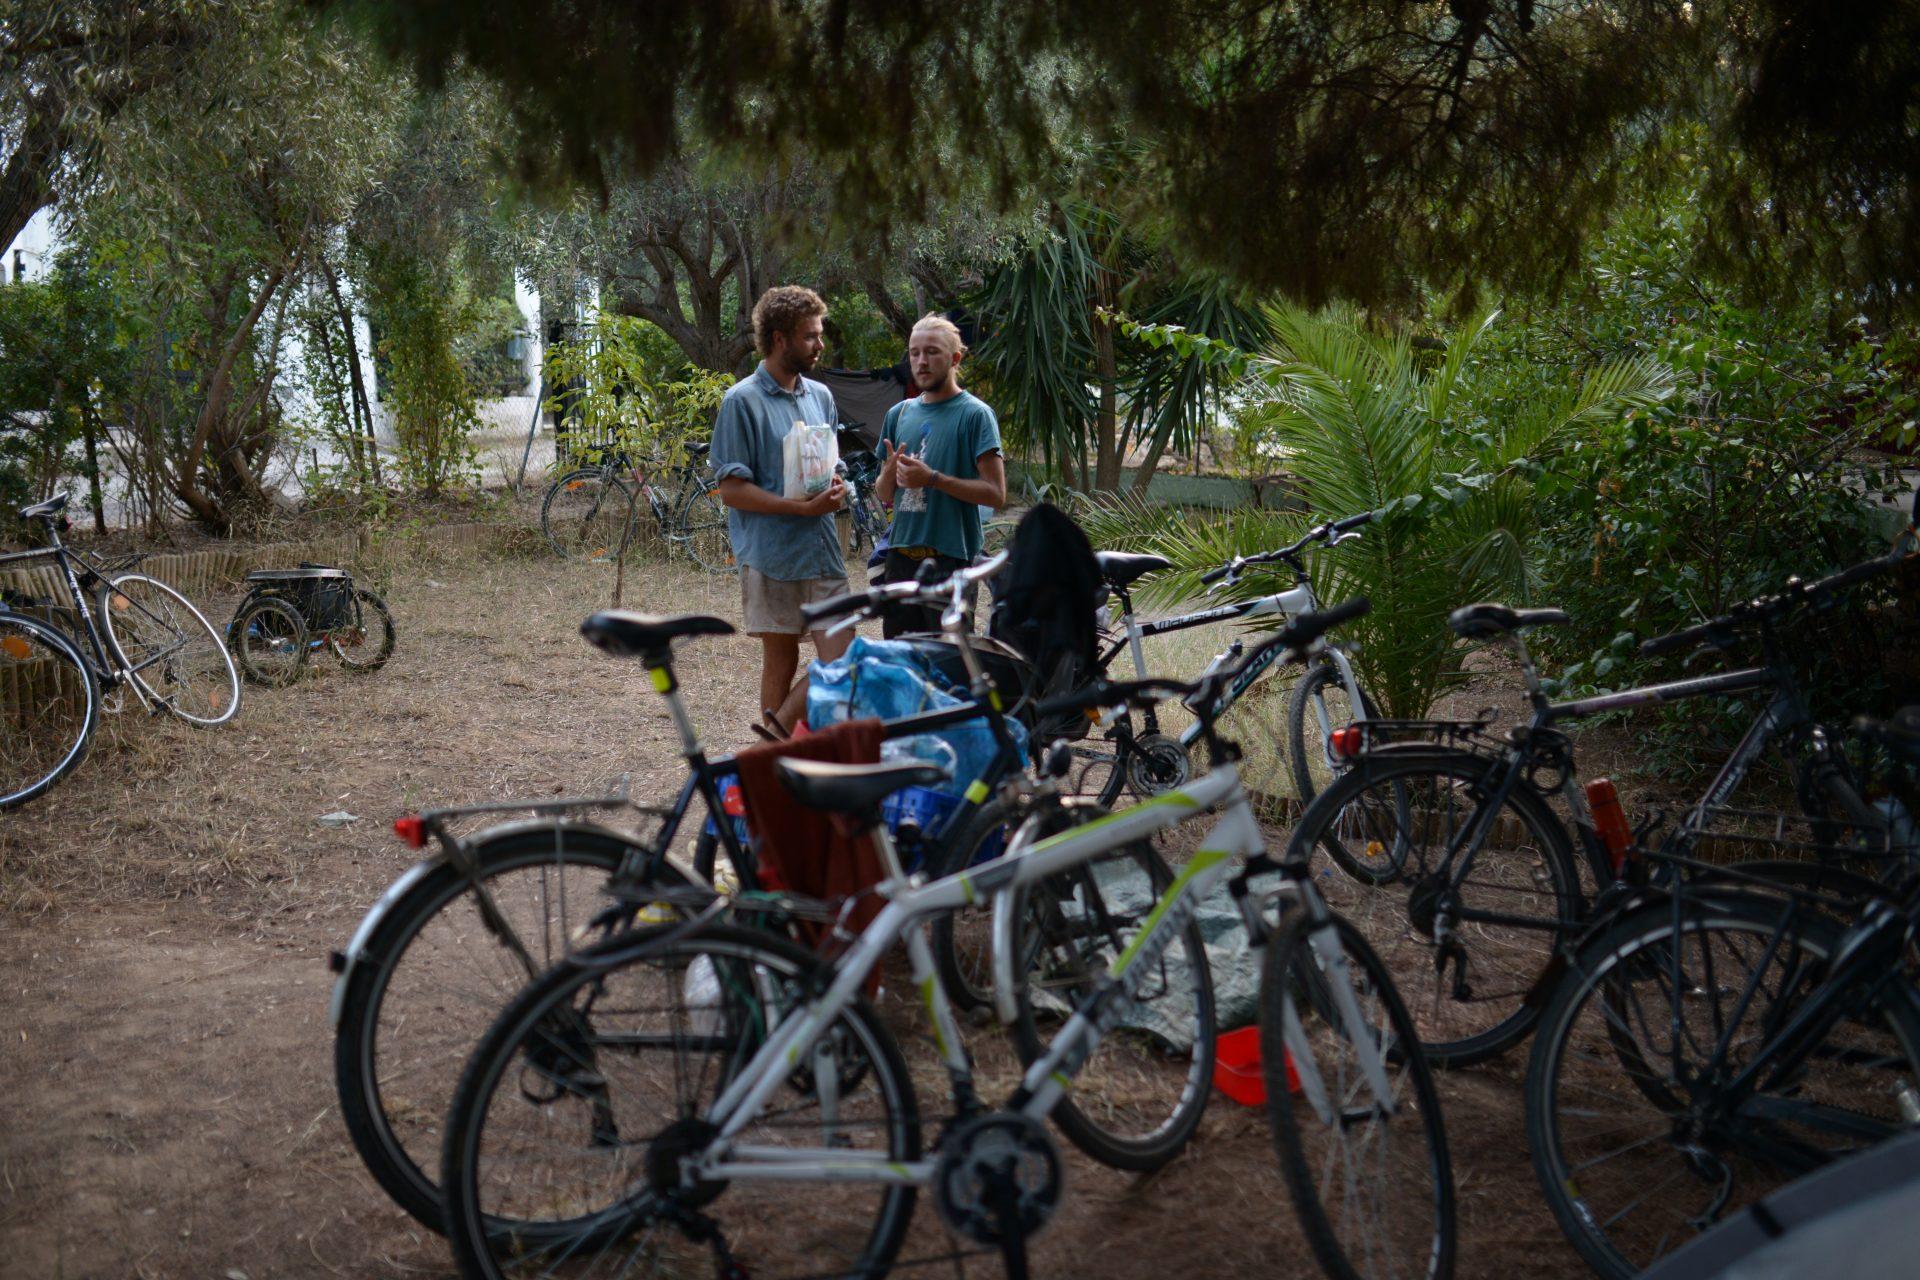 Ecotopia-bike tour in Nea Guinea